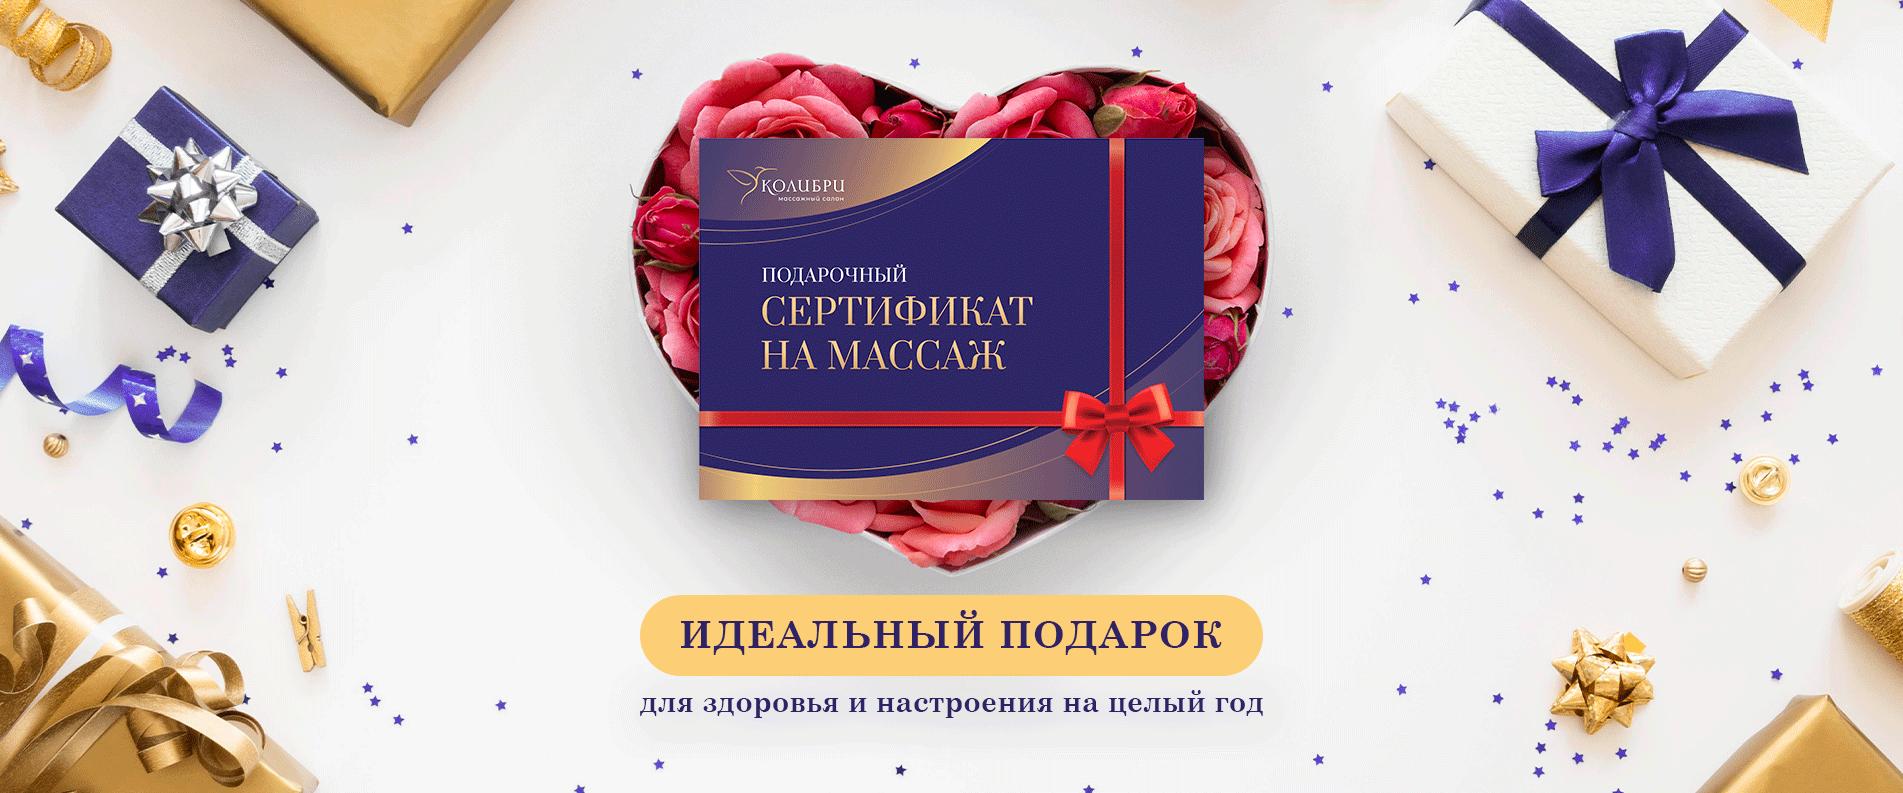 Подарочный сертификат на массаж на 14 февраля